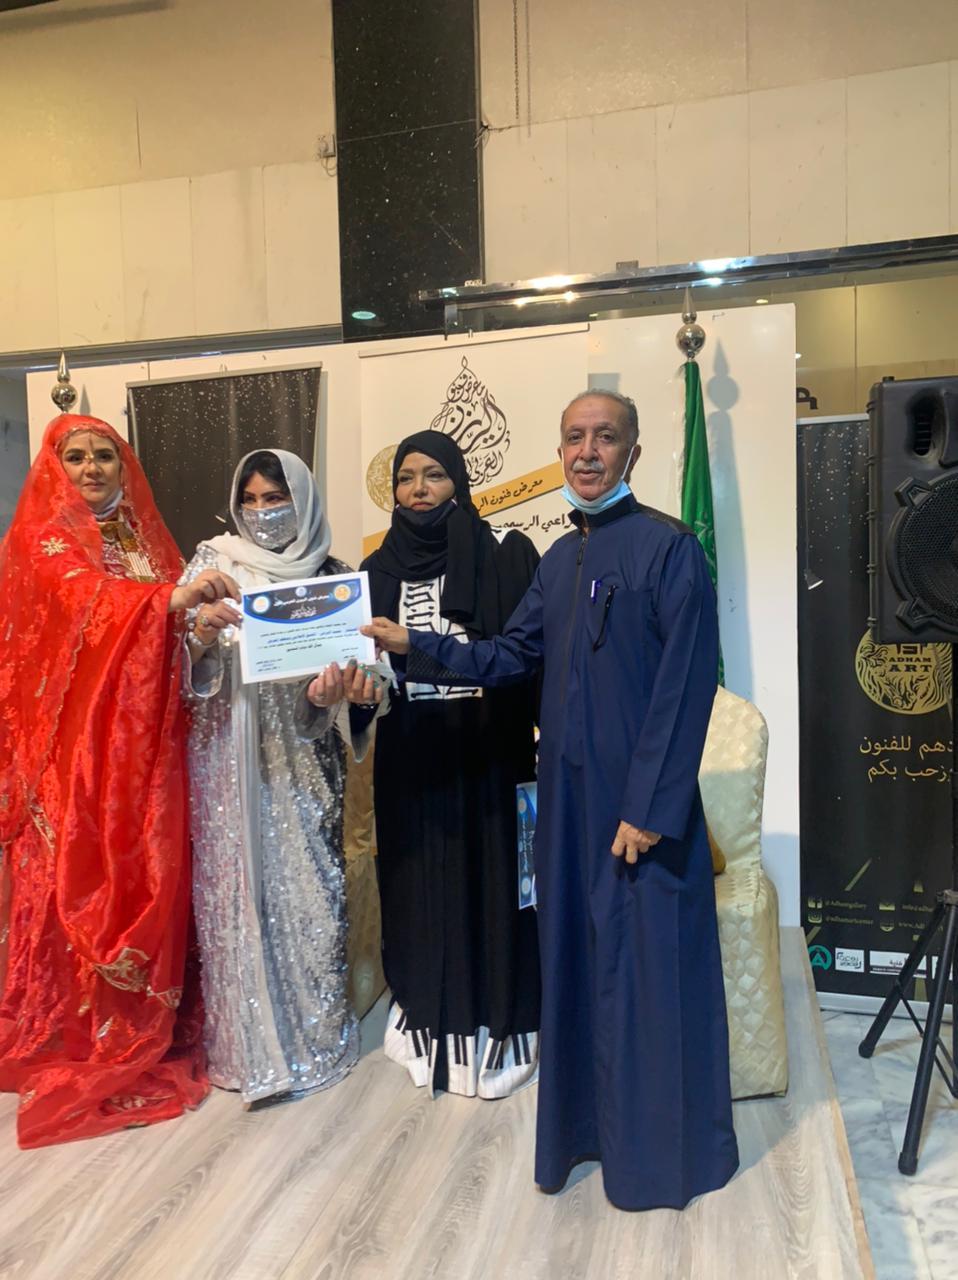 بعد نجاح معرض فنون الريزن العربي الاول بجدة خفاجي وخضر يبحثان  مستقبل الريزن في الوطن العربي